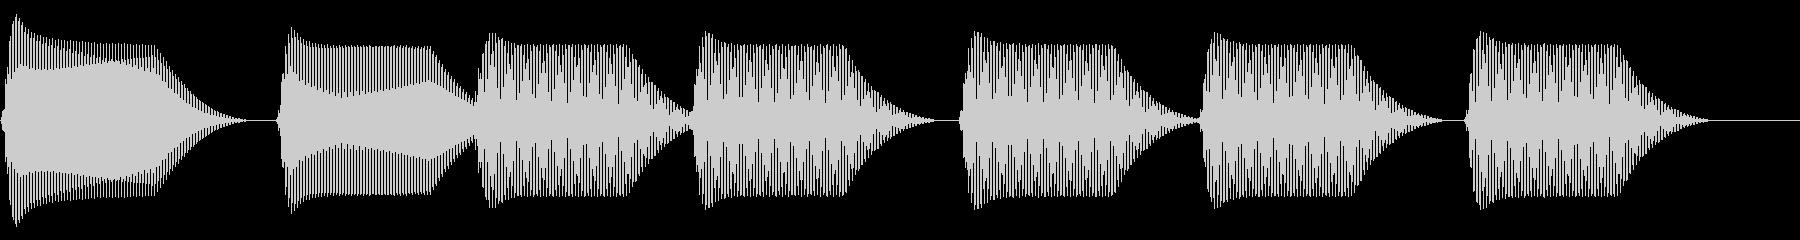 往年のRPG風 セリフ・吹き出し音 13の未再生の波形